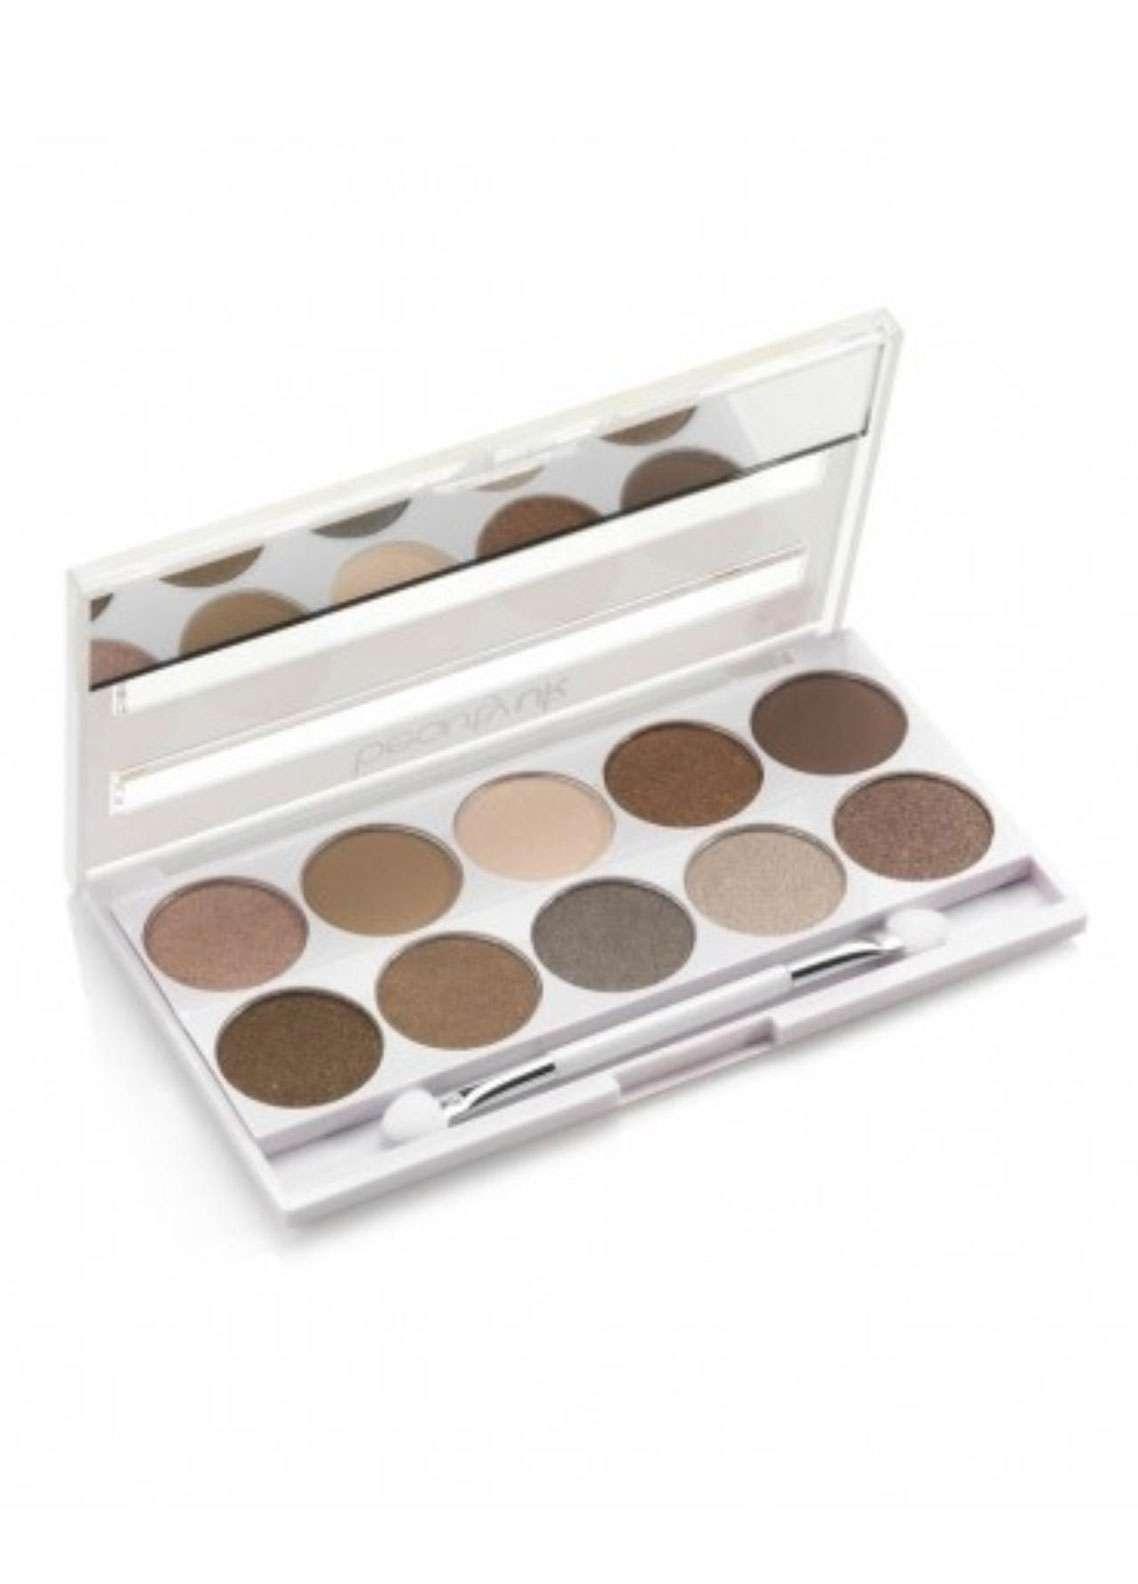 Beauty UK Posh Eye Shadow Palette - 1 Eden